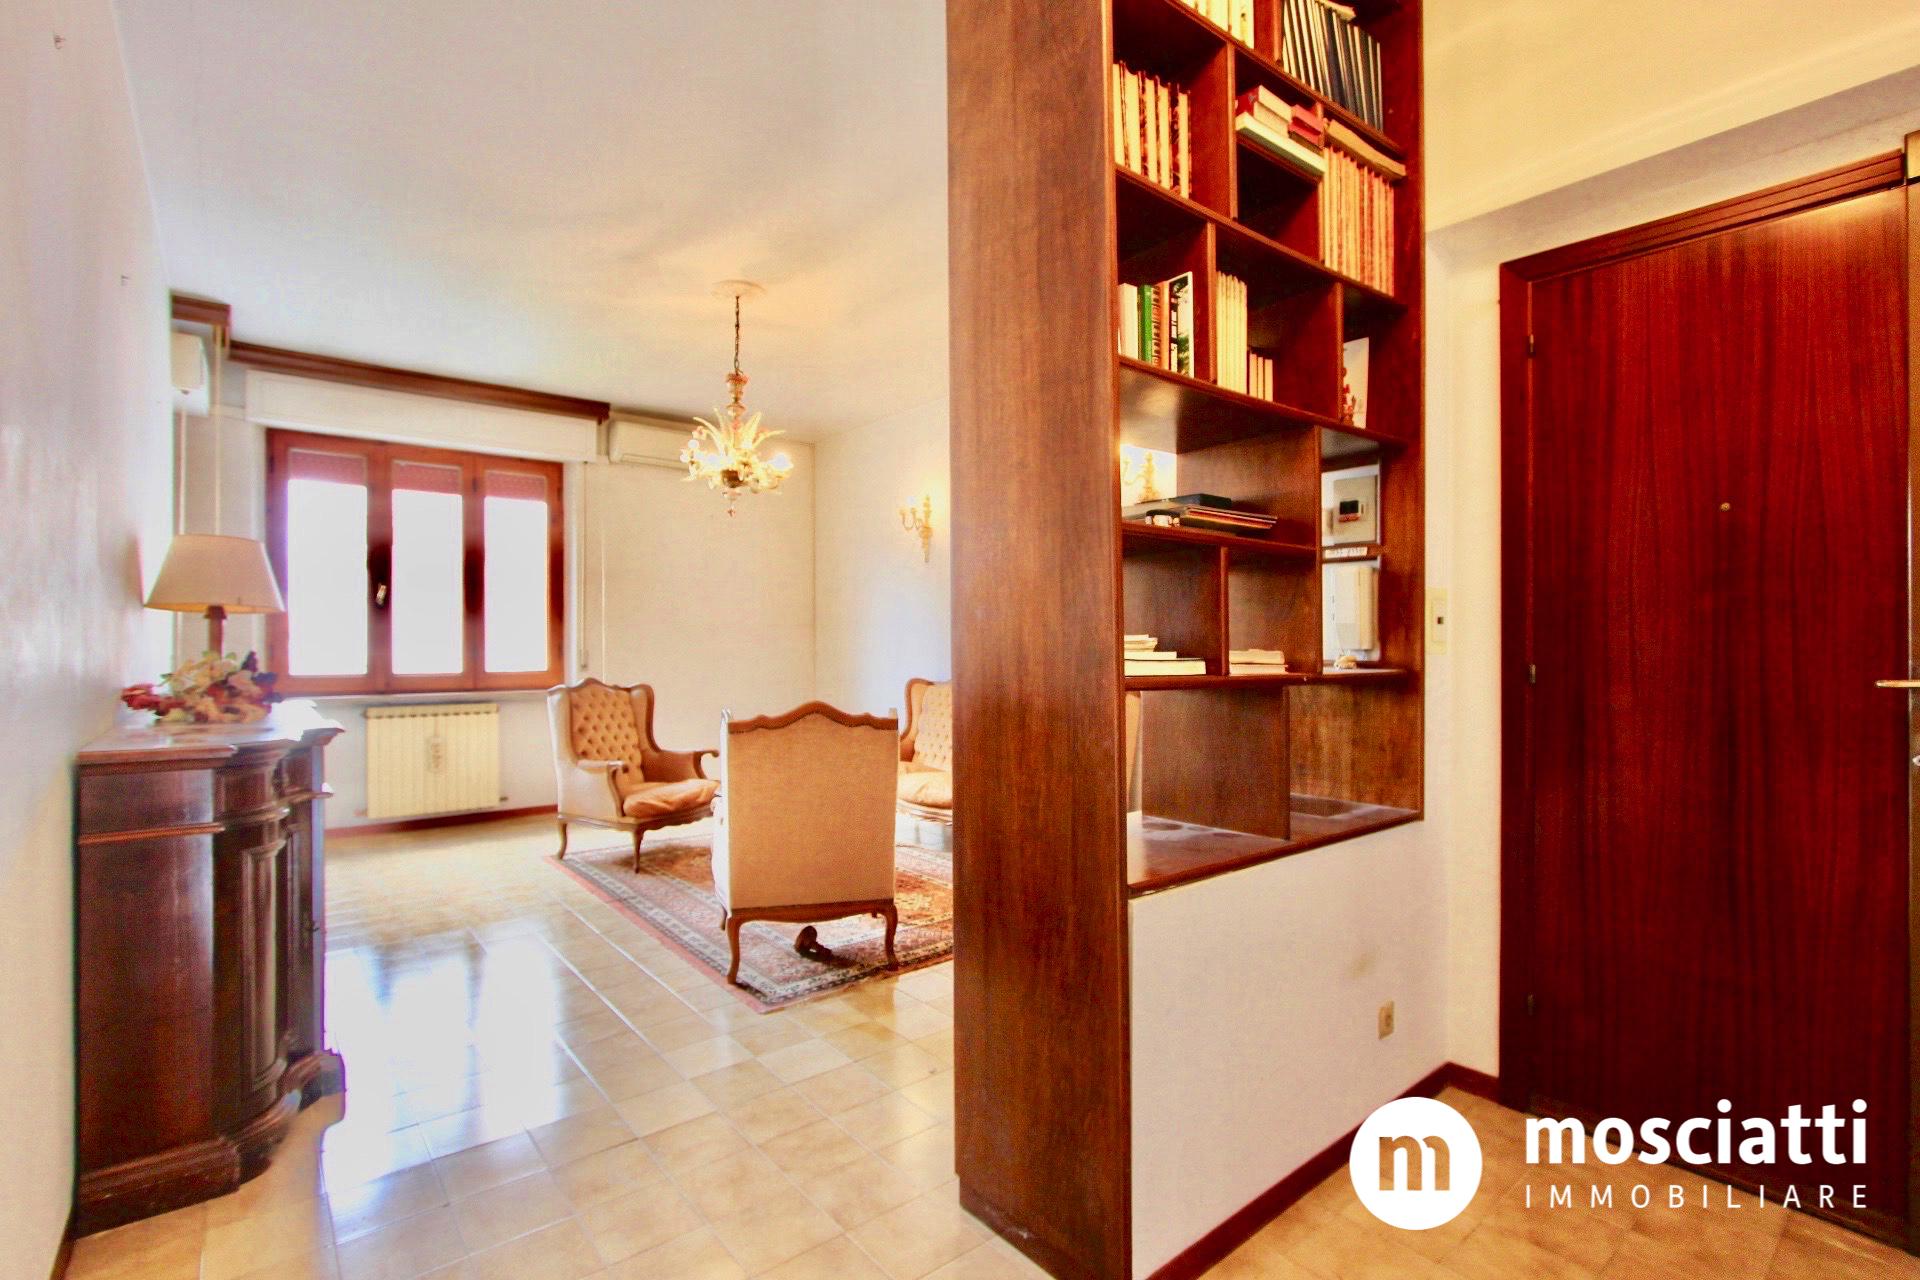 MATELICA, Quartiere San Rocco, Via Beato Angelico, vendesi APPARTAMENTO su due livelli cod - 1